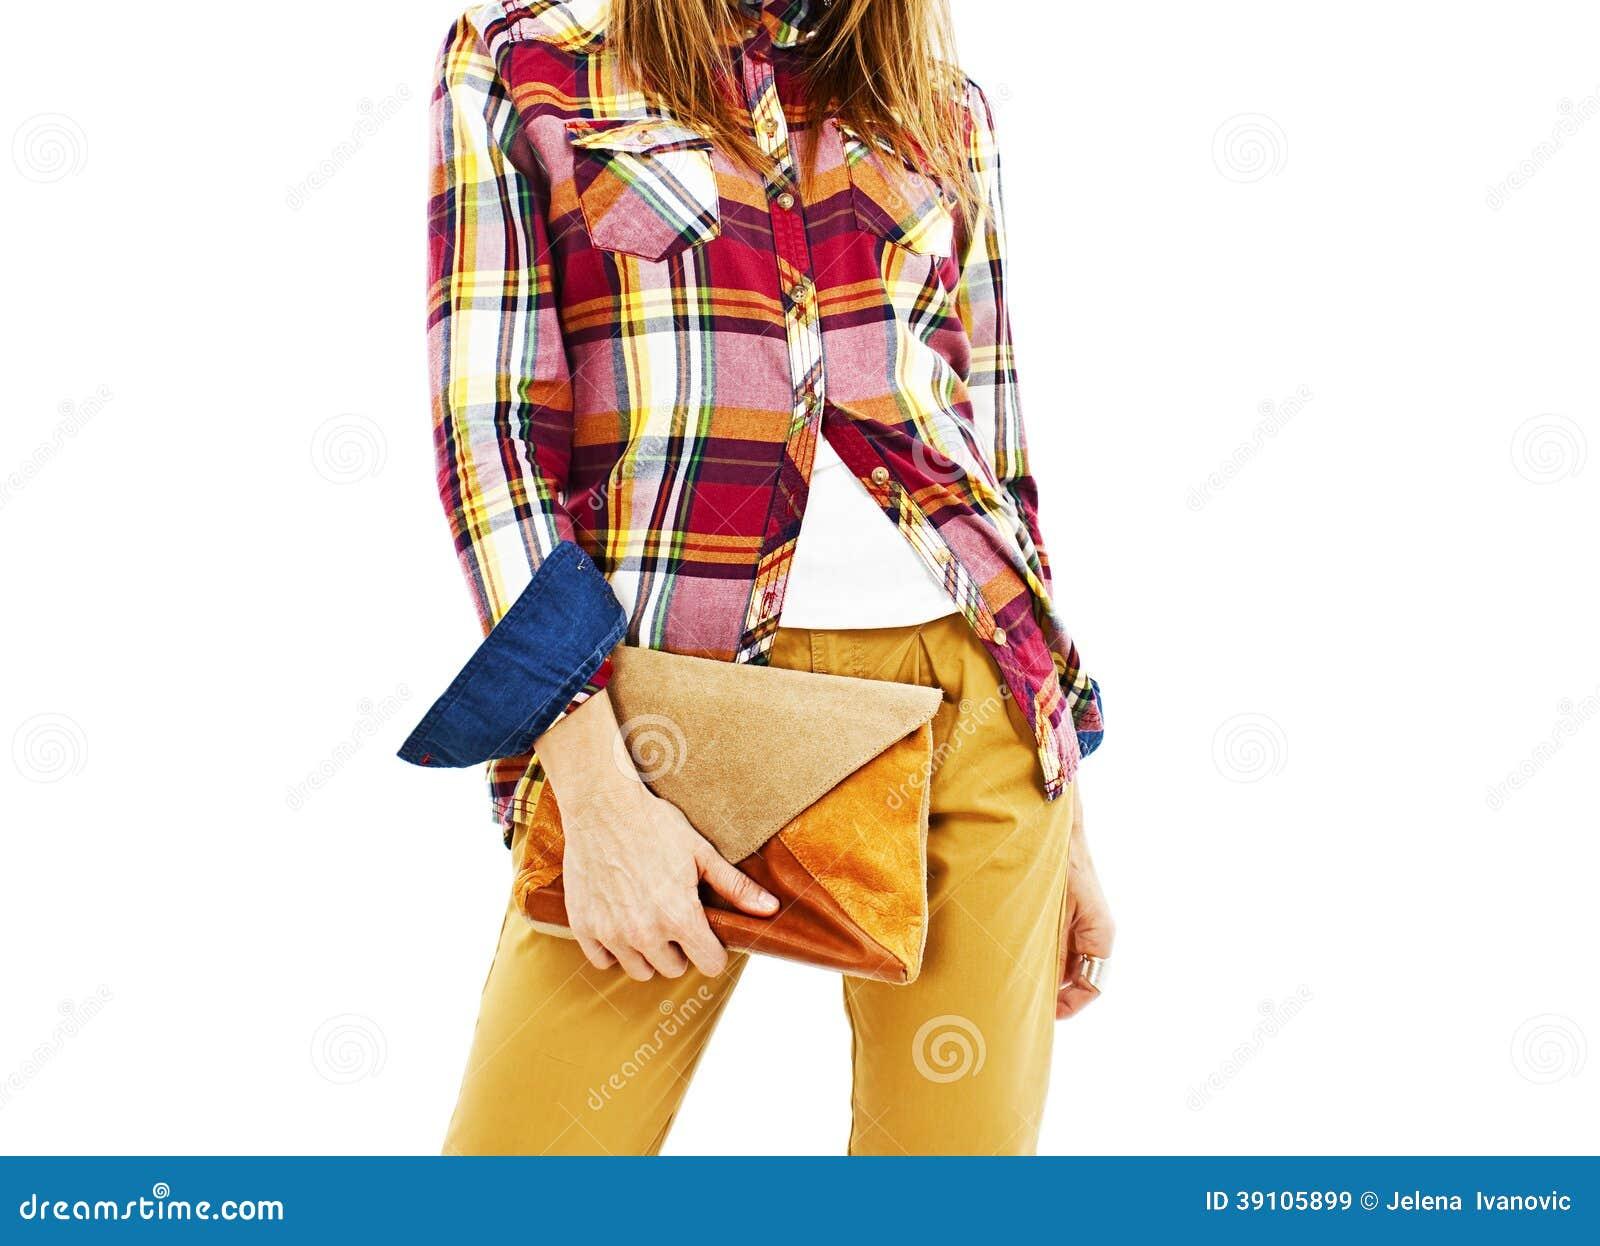 Jonge maniervrouw die handtassen houden.